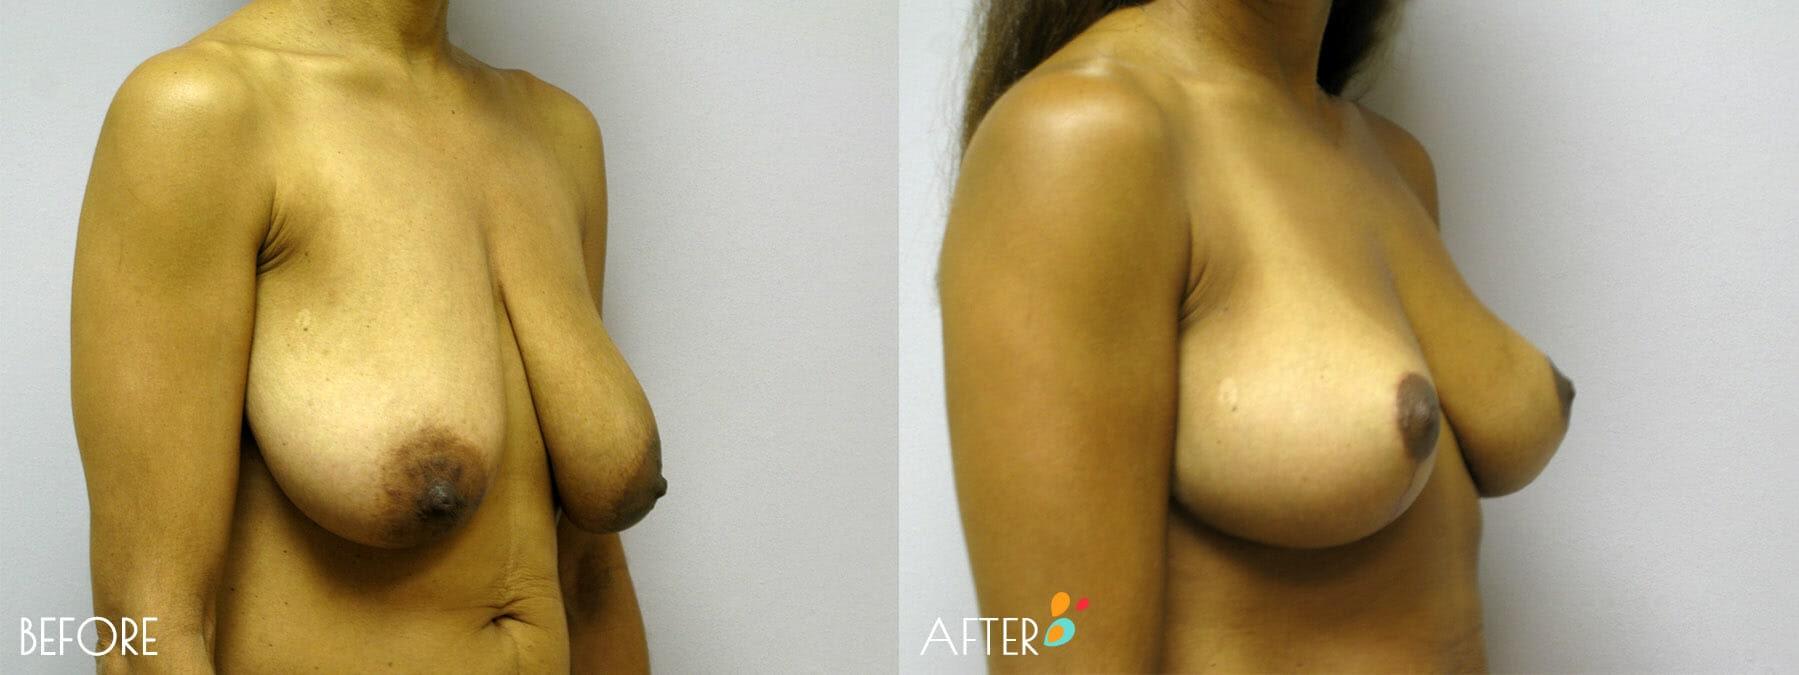 Breast Lift Patient 02, Quarter